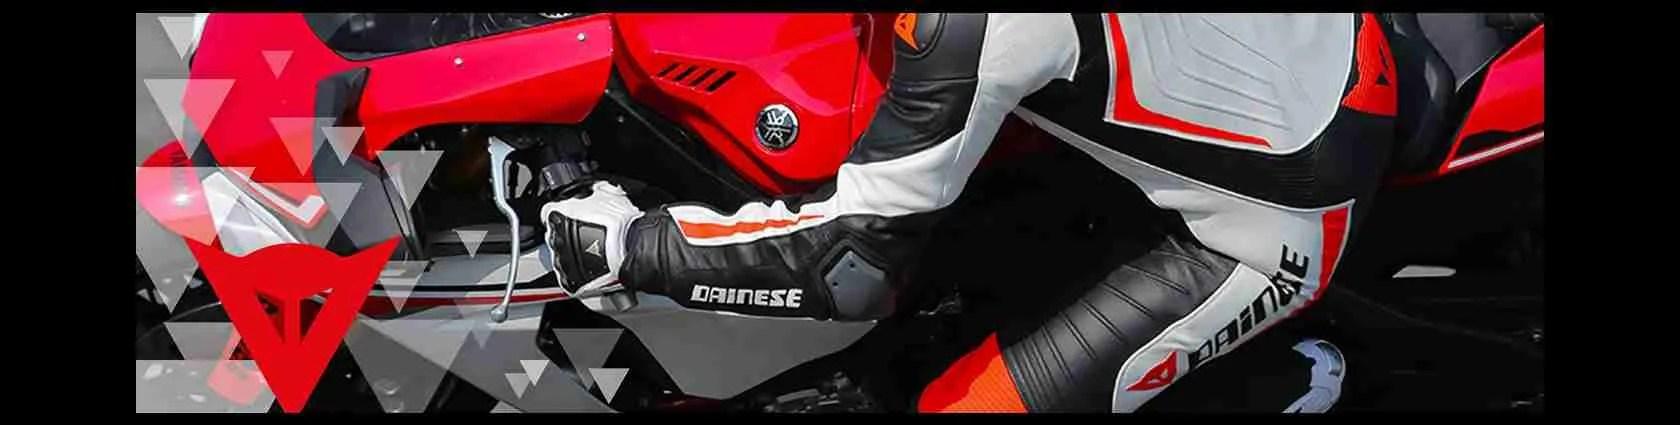 Le escort Vicenza adorano i motociclisti che indossano le tute in pelle della Dainese di Vicenza. Magica Escort